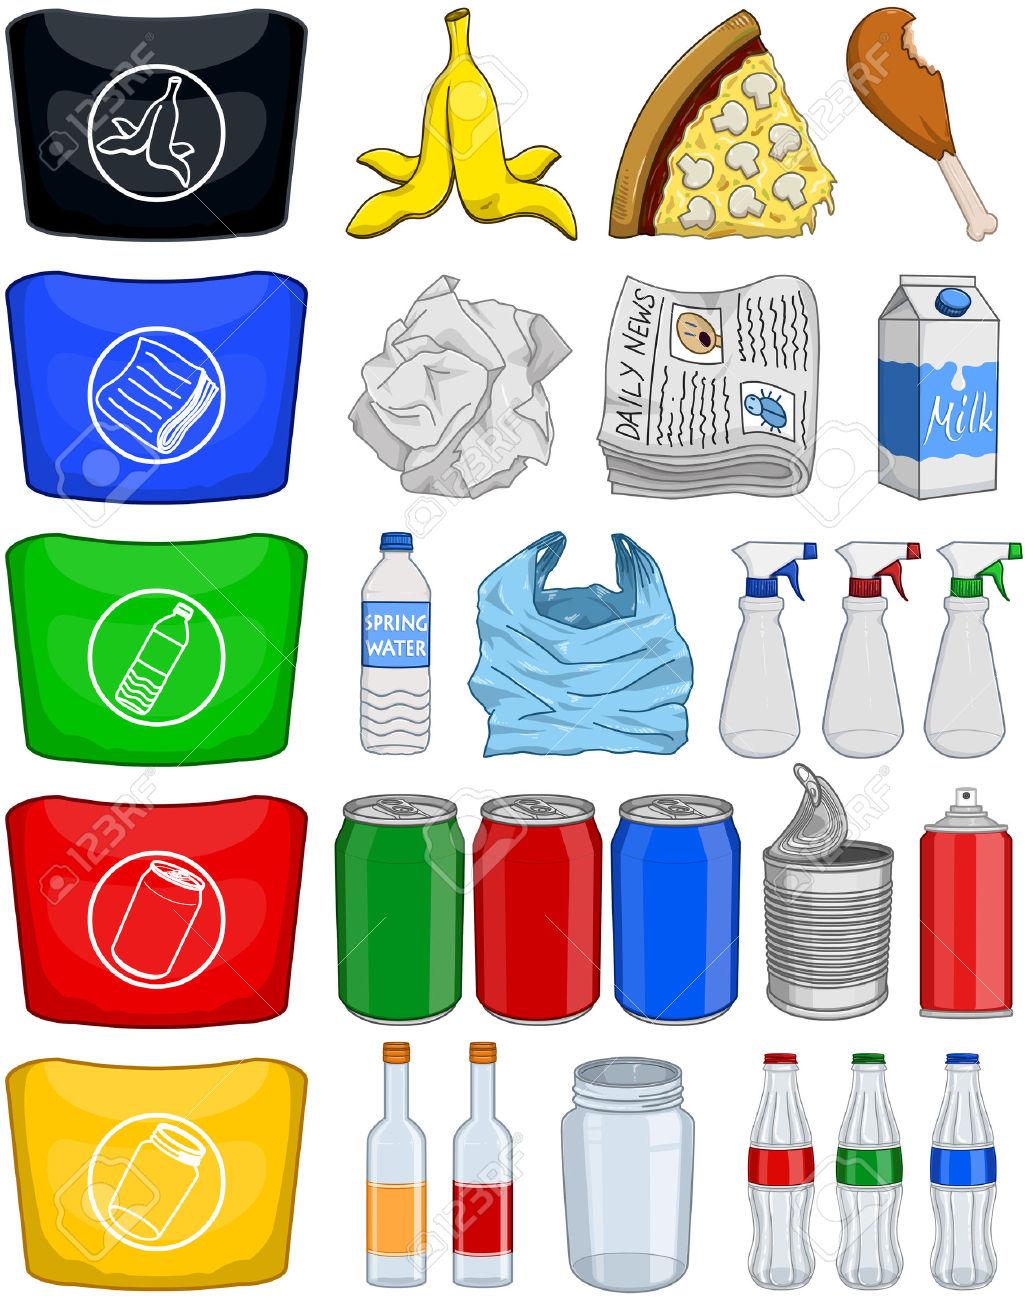 38491827-Ilustraci-n-vectorial-paquete-de-aluminio-y-vidrio-elementos-org-nicos-papel-pl-stico-para-su-recicl-Foto-de-archivo